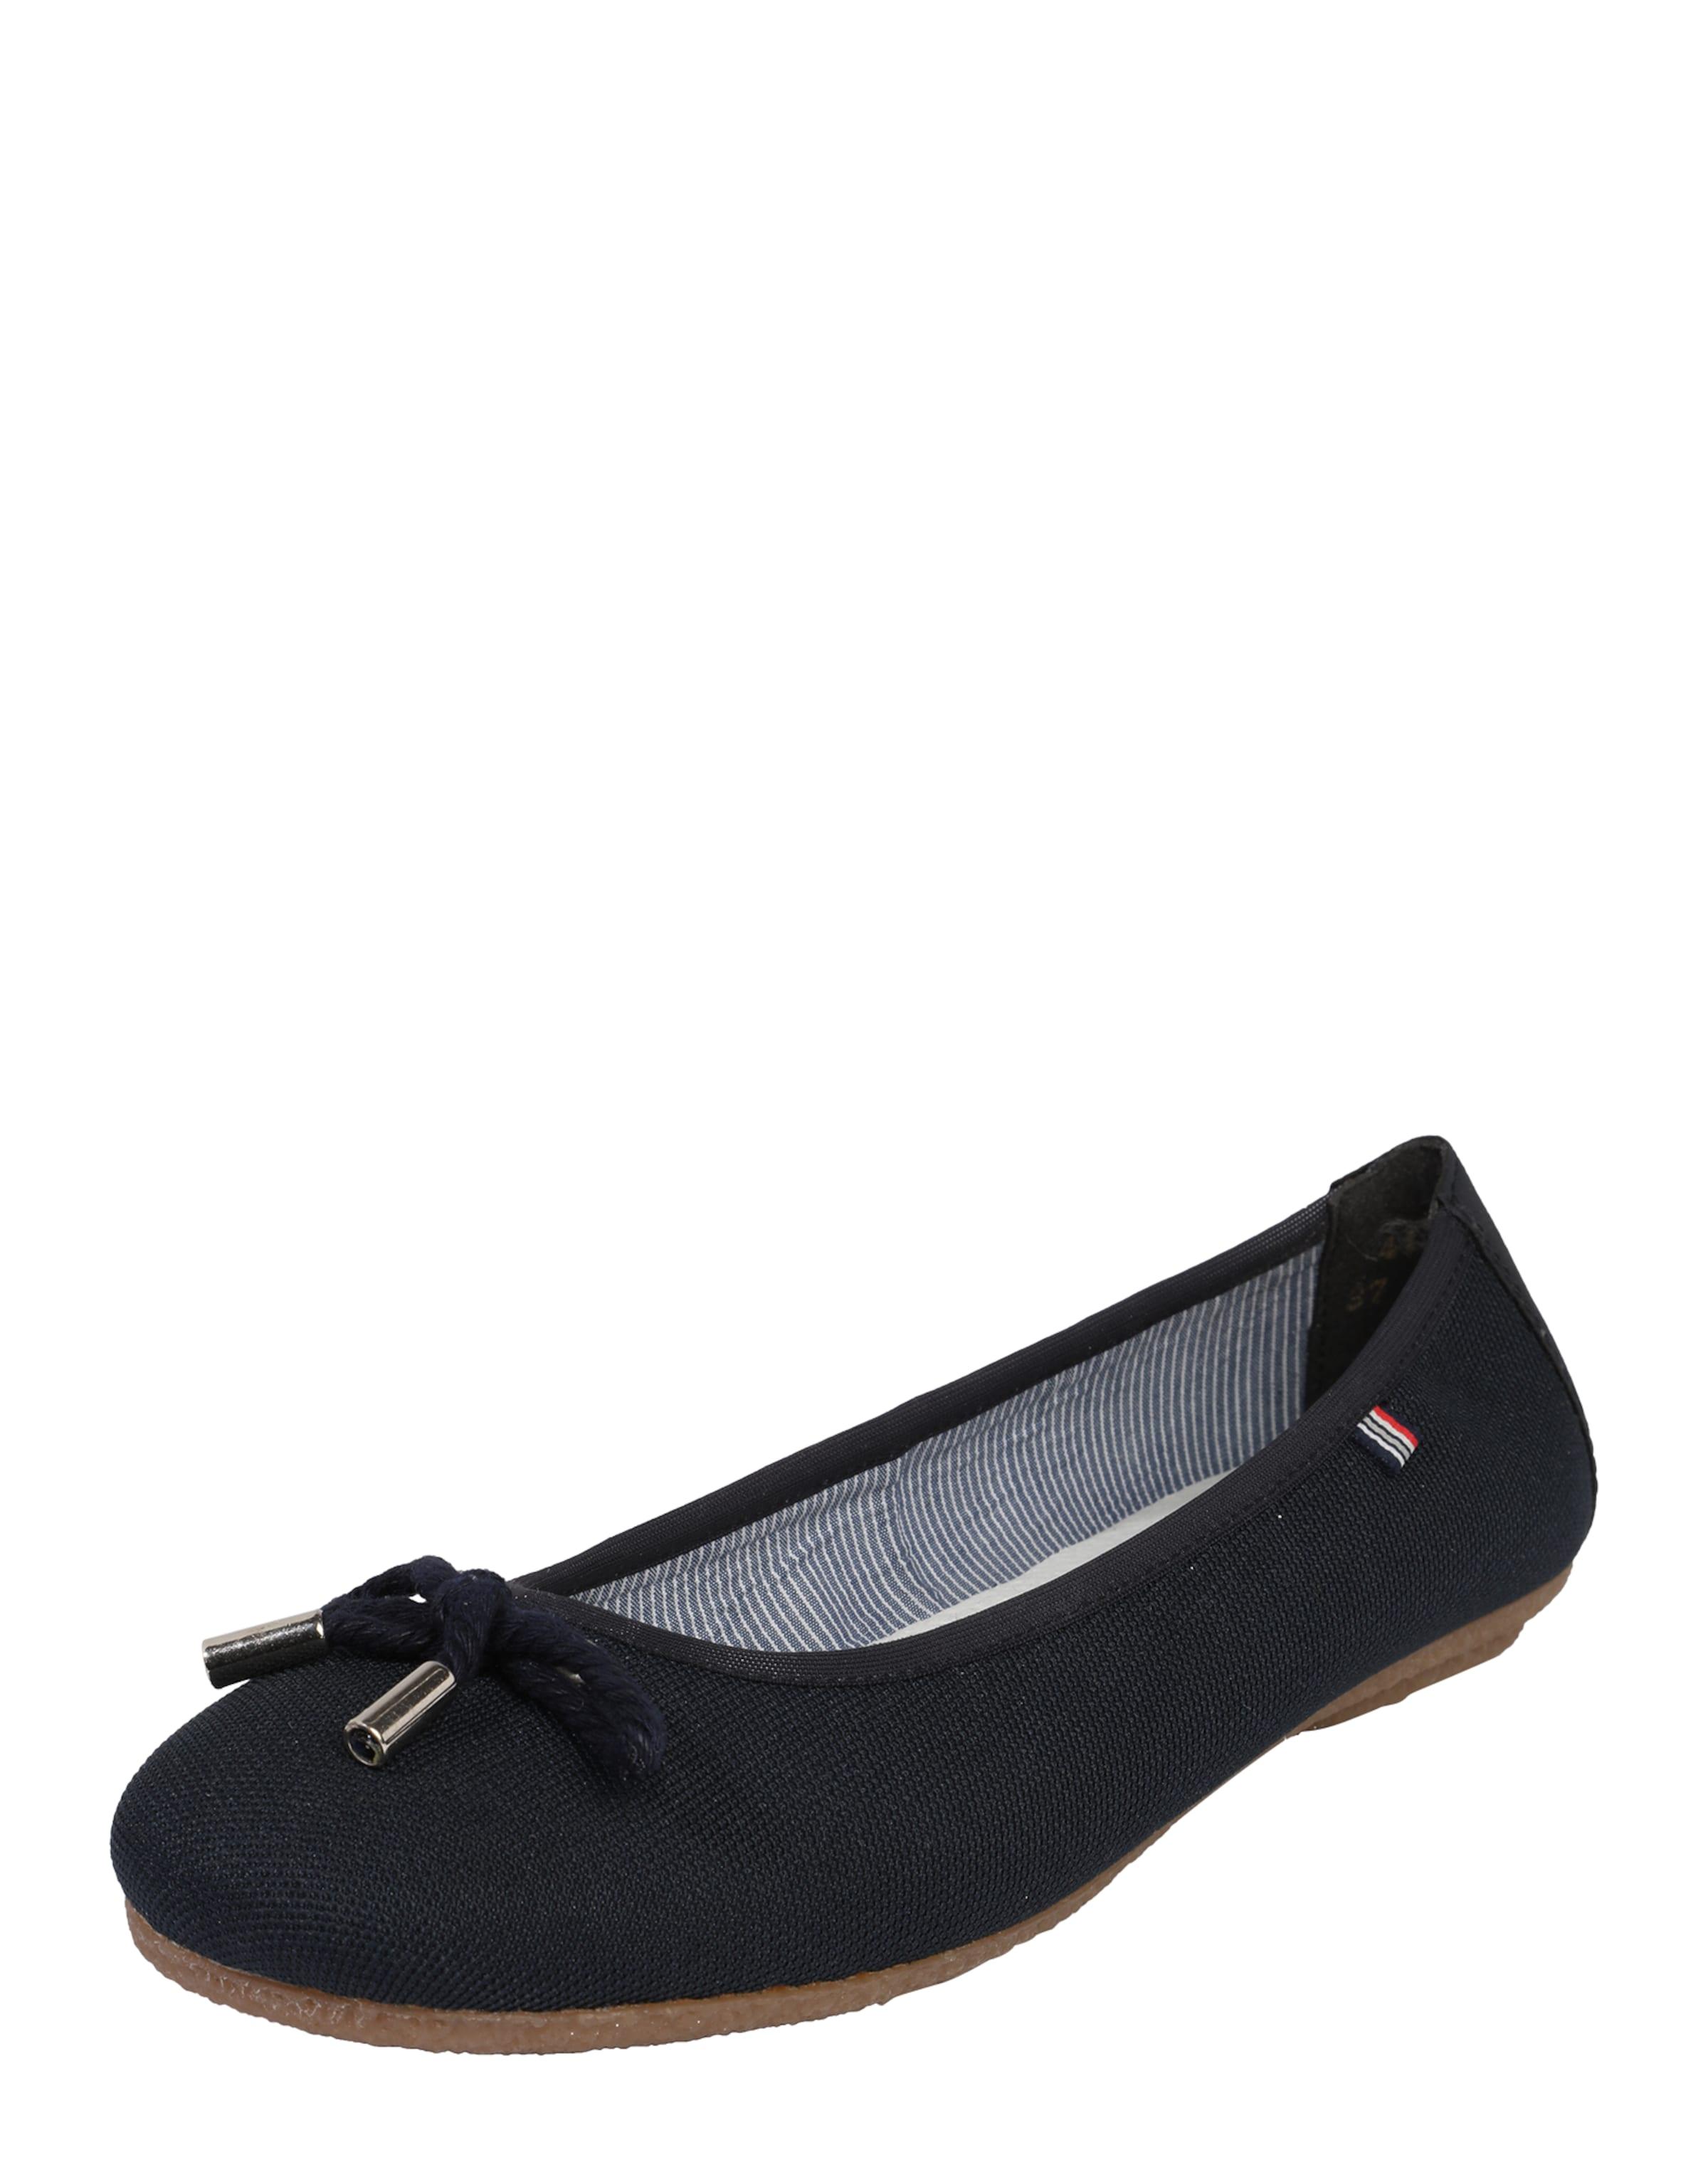 RIEKER Ballerina Verschleißfeste billige Schuhe Hohe Qualität